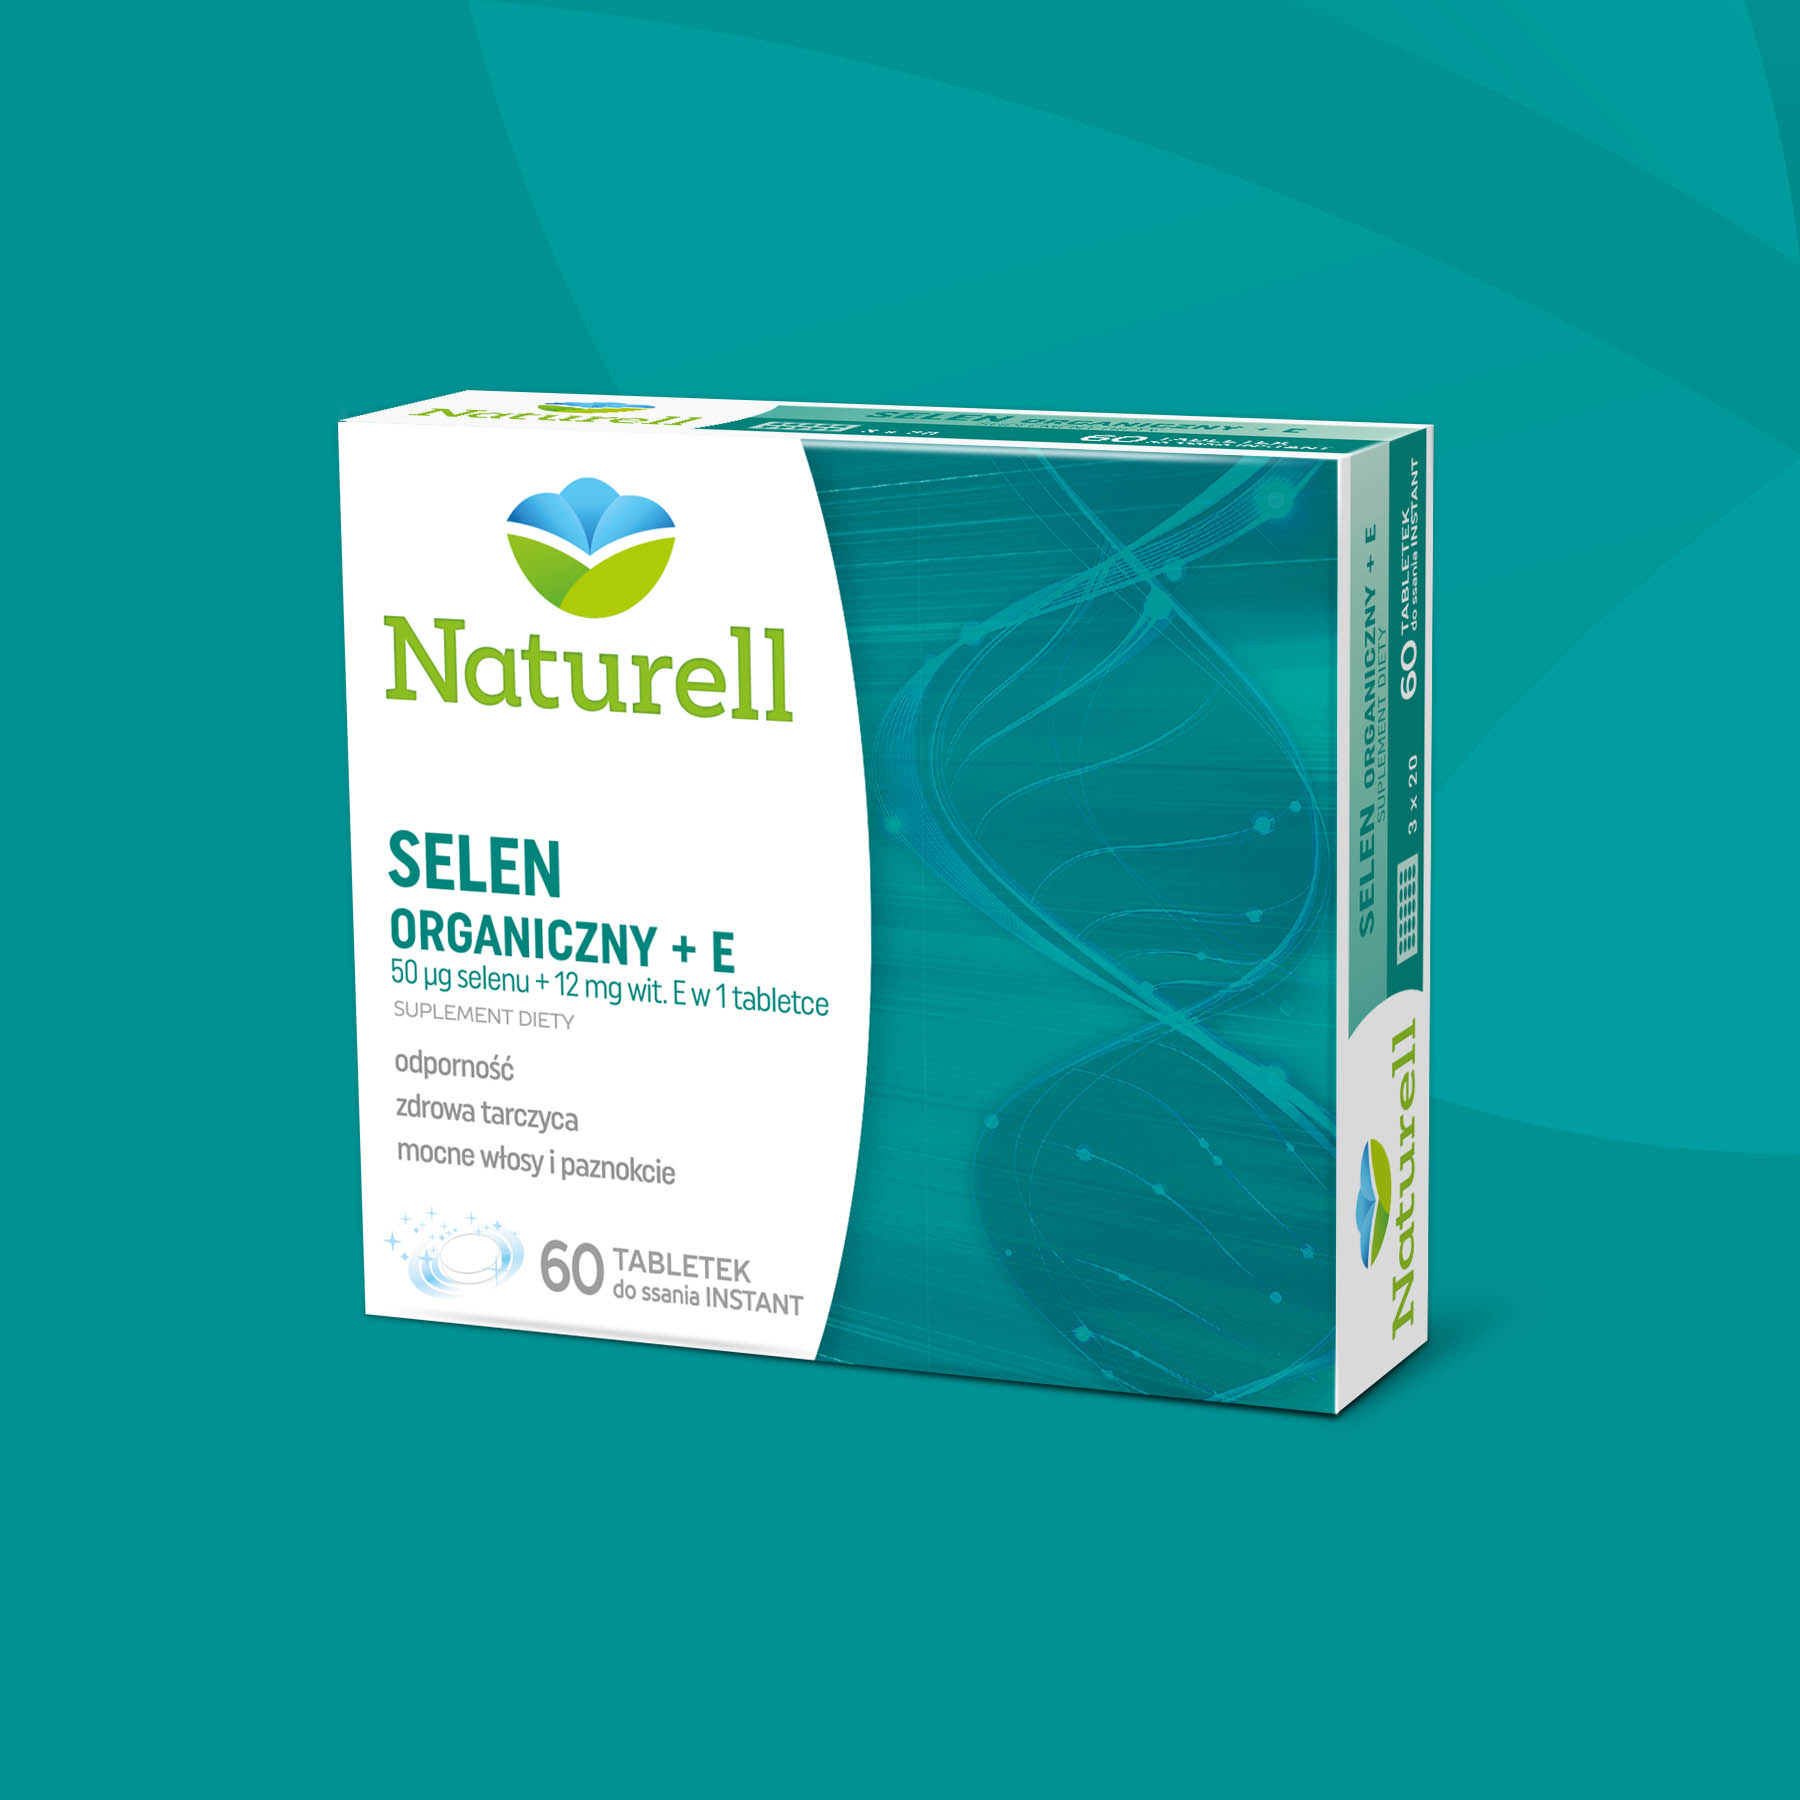 Naturell Selen Package Design